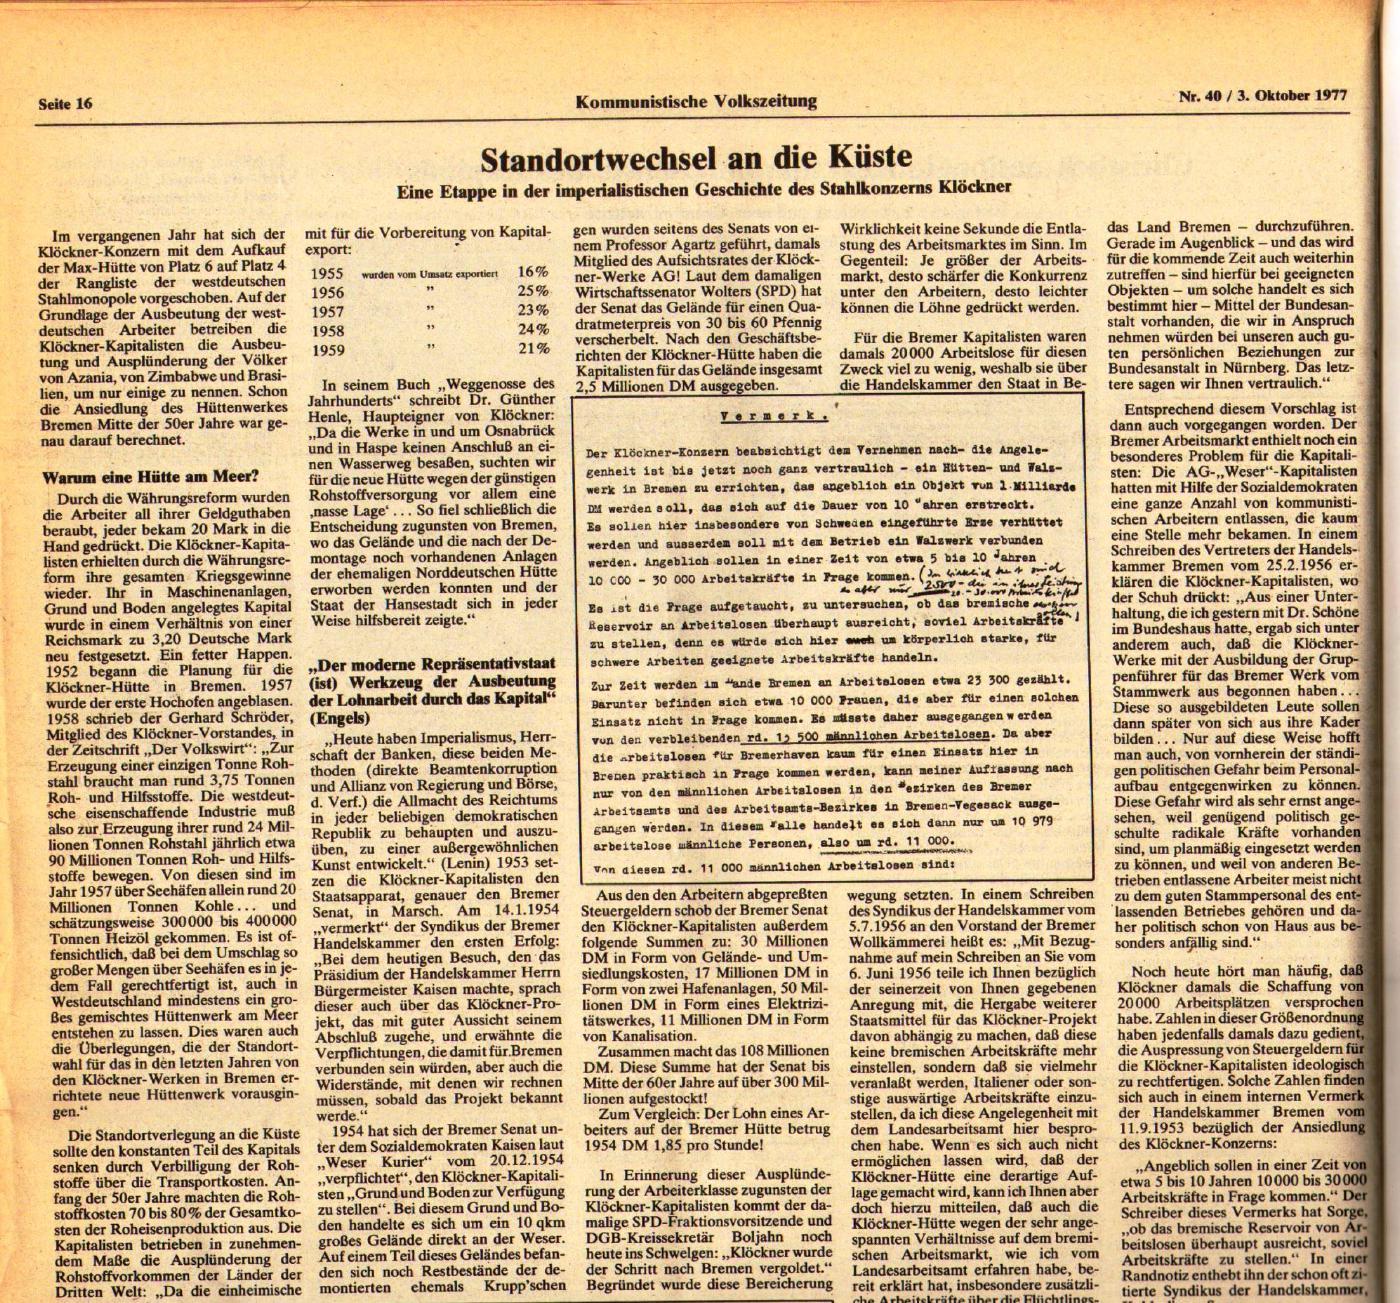 KVZ_Nord_1977_40_31